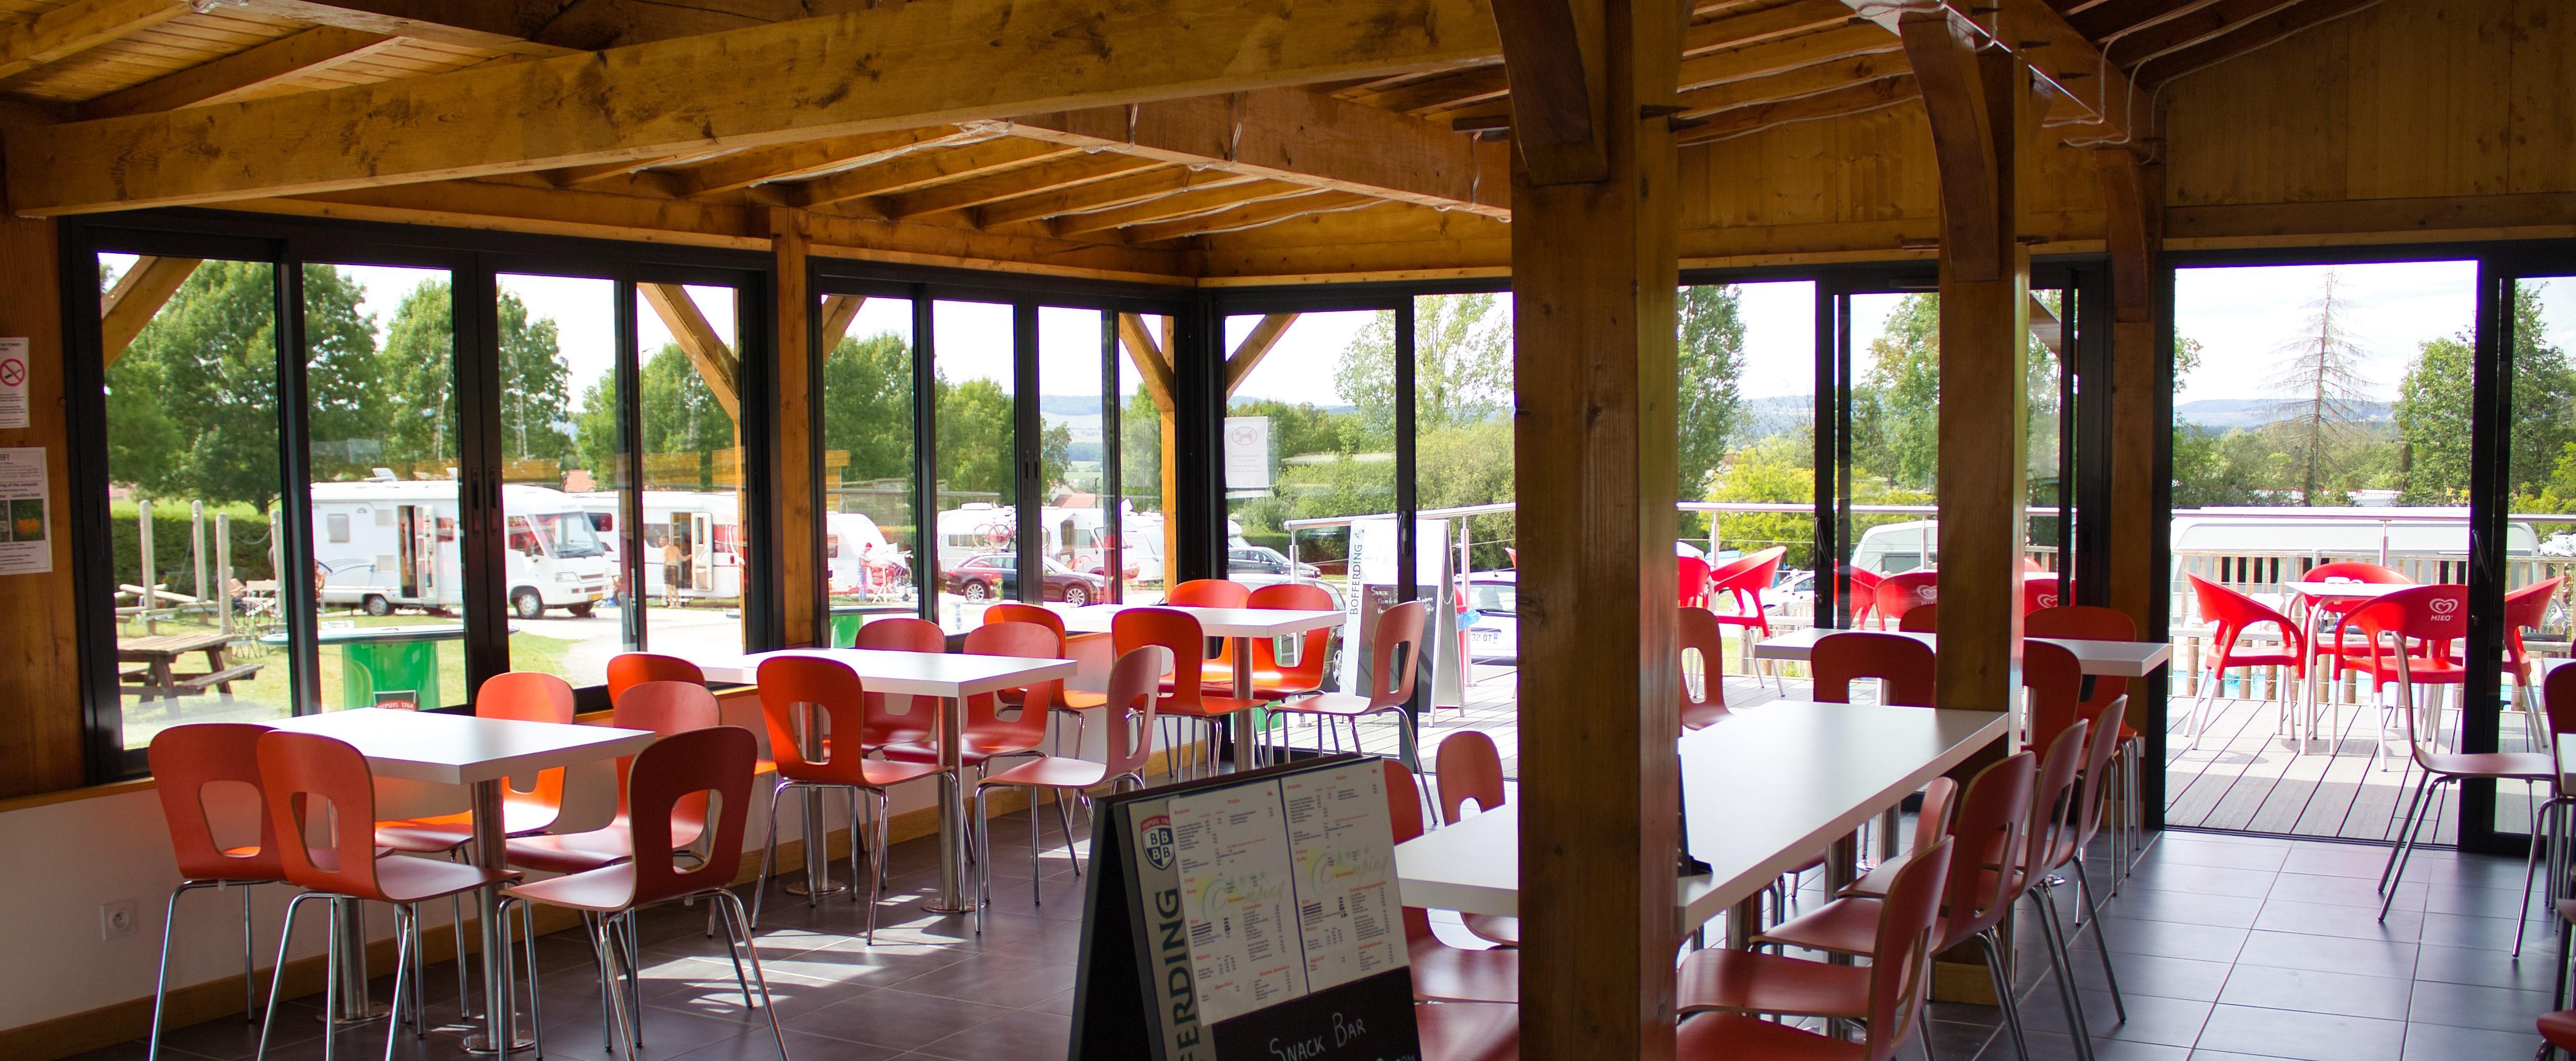 Camping Porte des Vosges, Bulgneville, Vosges